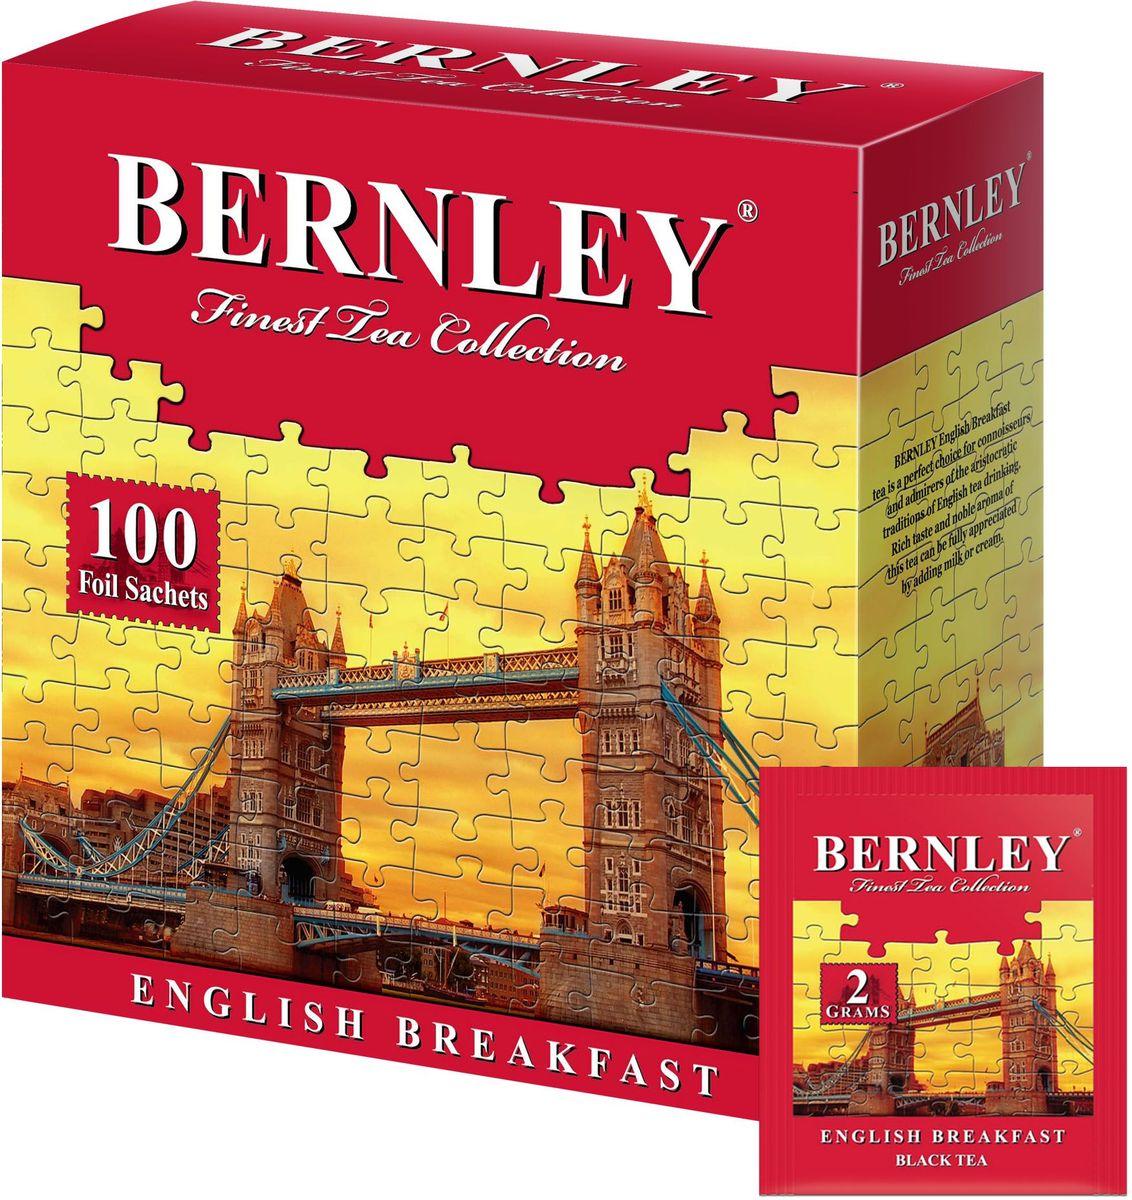 Bernley English Breakfast чай черный байховый мелкий в пакетиках, 100 шт1070128Bernley English Breakfast в конвертах - высокогорный черный чай для традиционного английского чаепития.Всё о чае: сорта, факты, советы по выбору и употреблению. Статья OZON Гид